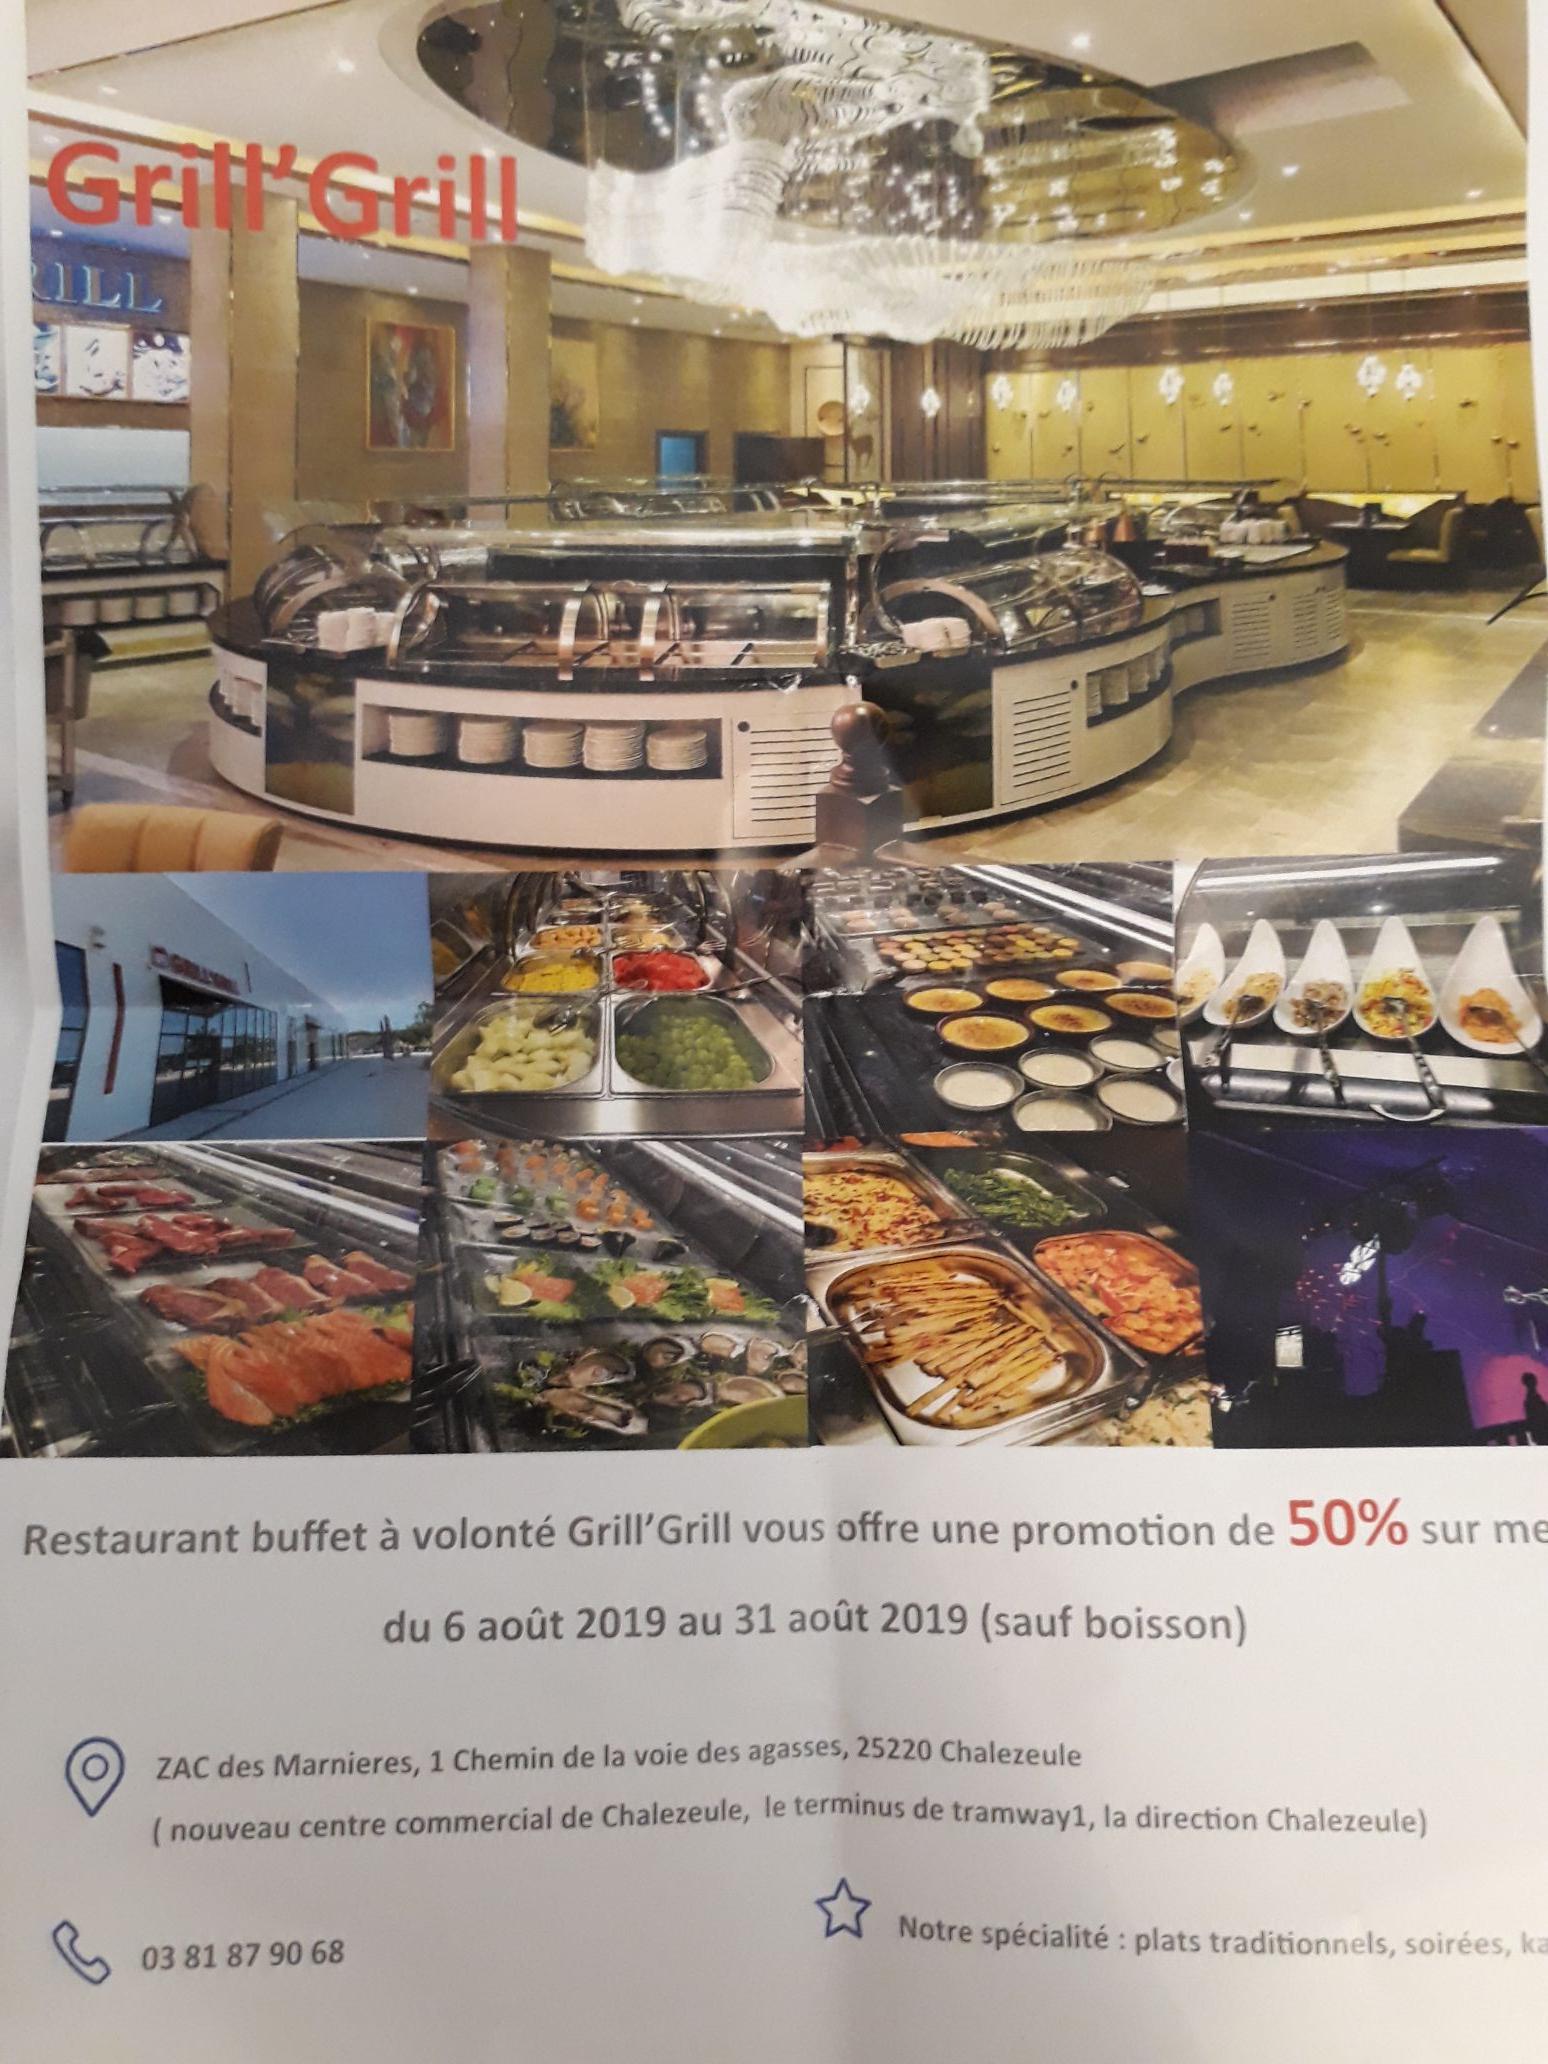 50% de réduction sur votre menu - Grill&Grill Besançon (25)